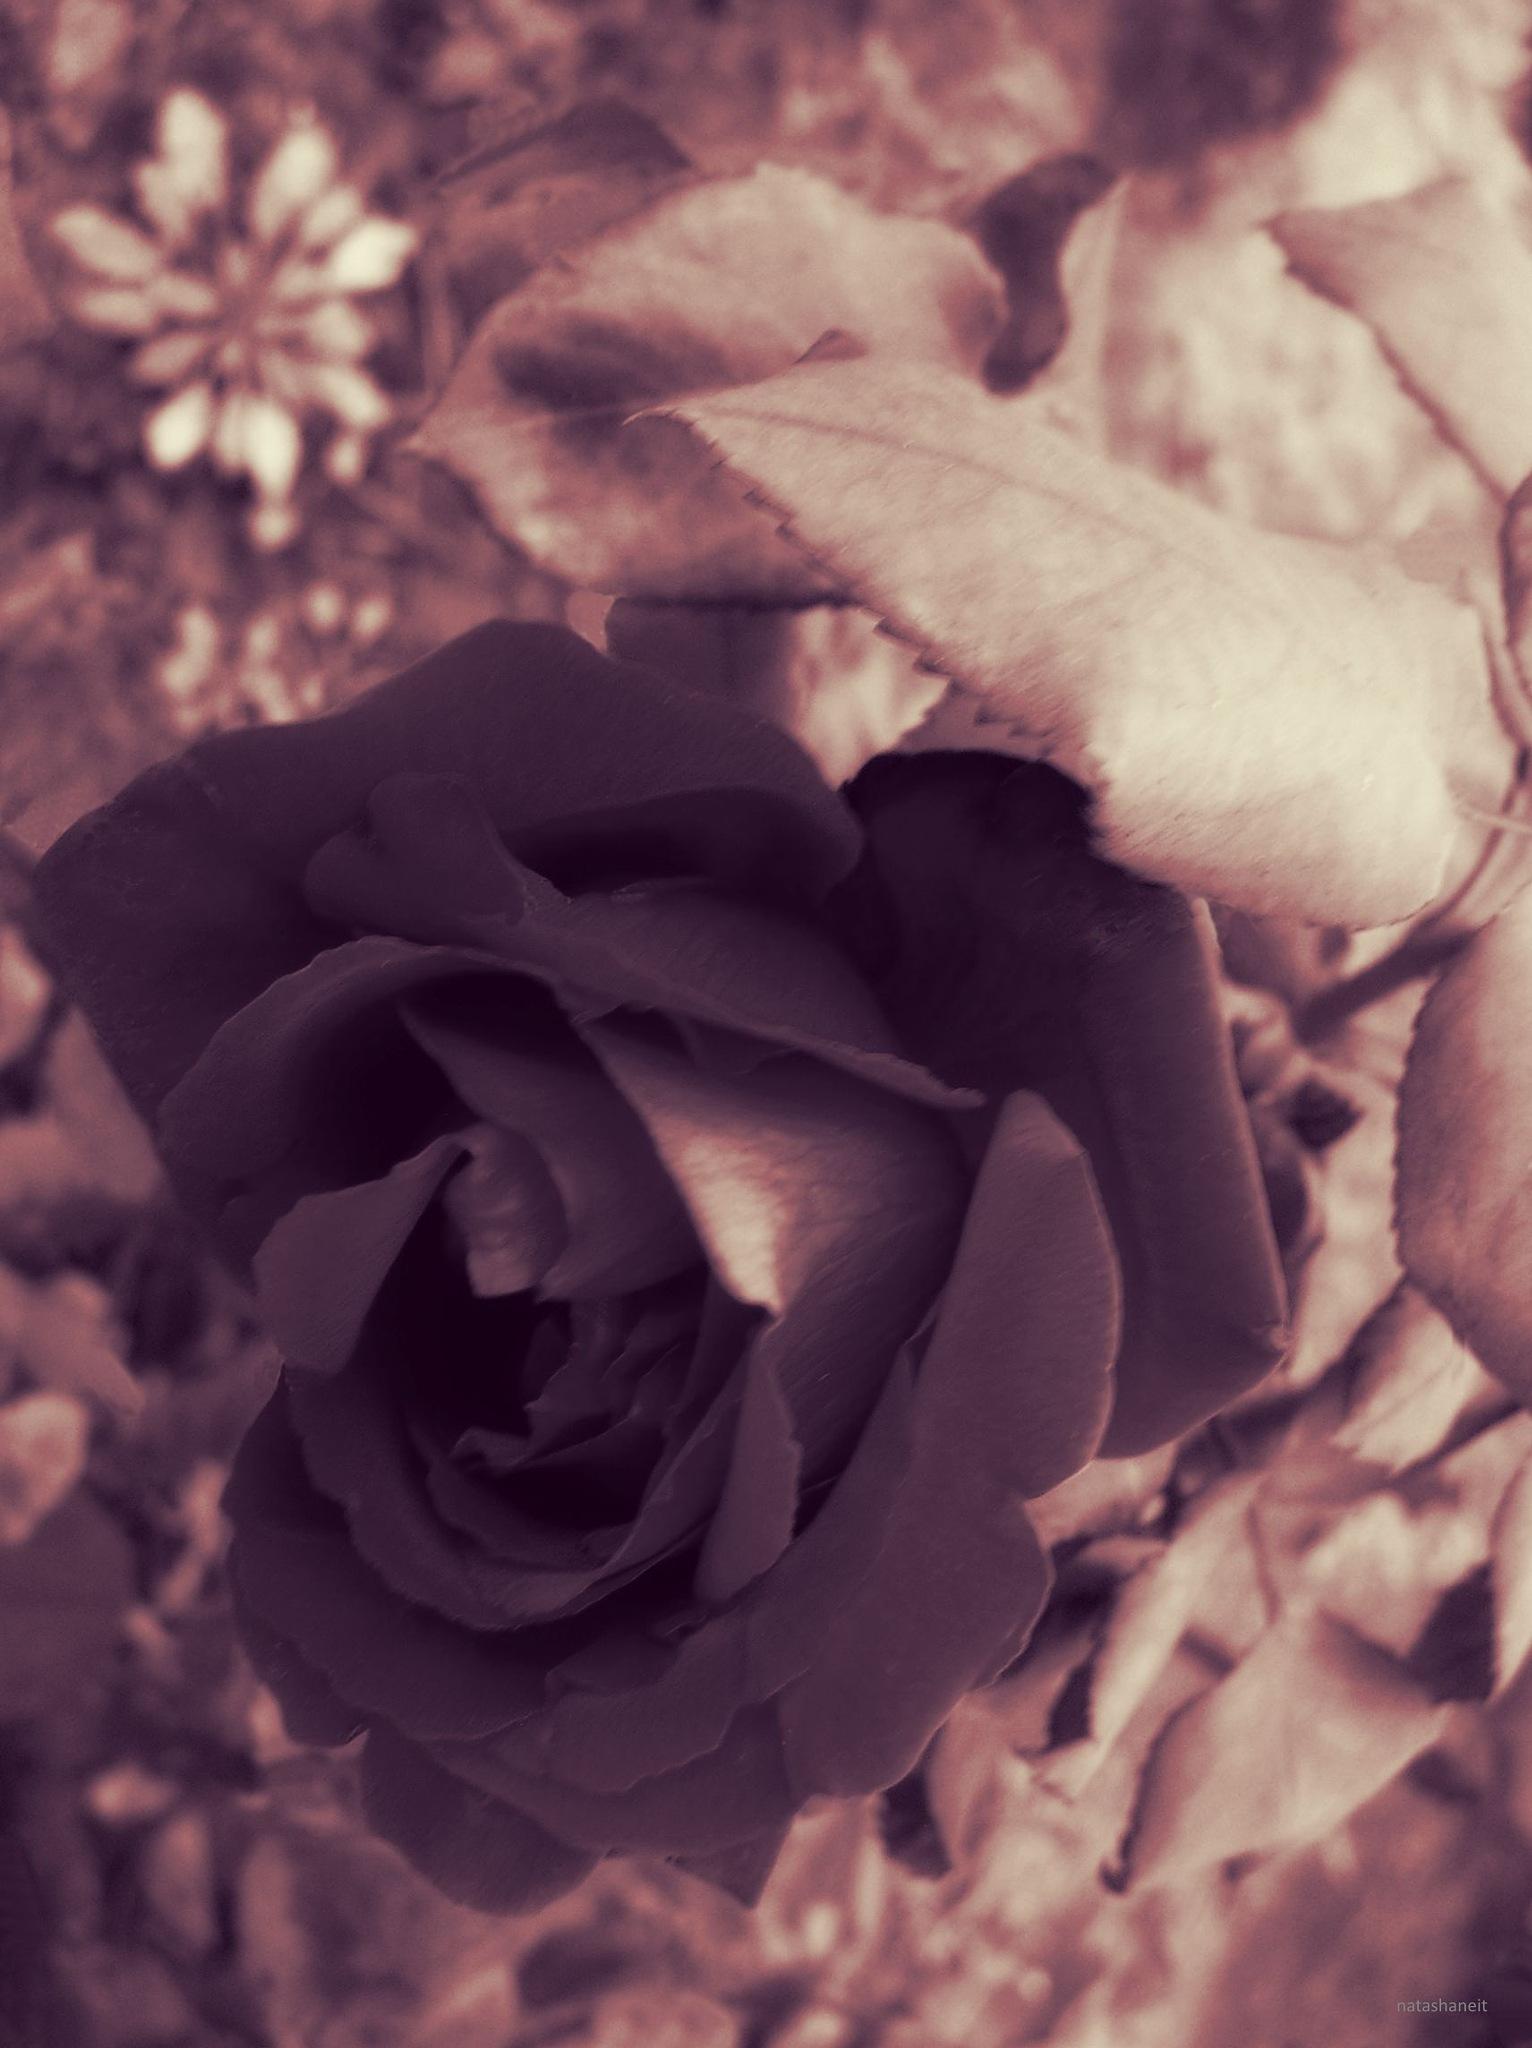 Rose by natashaneit